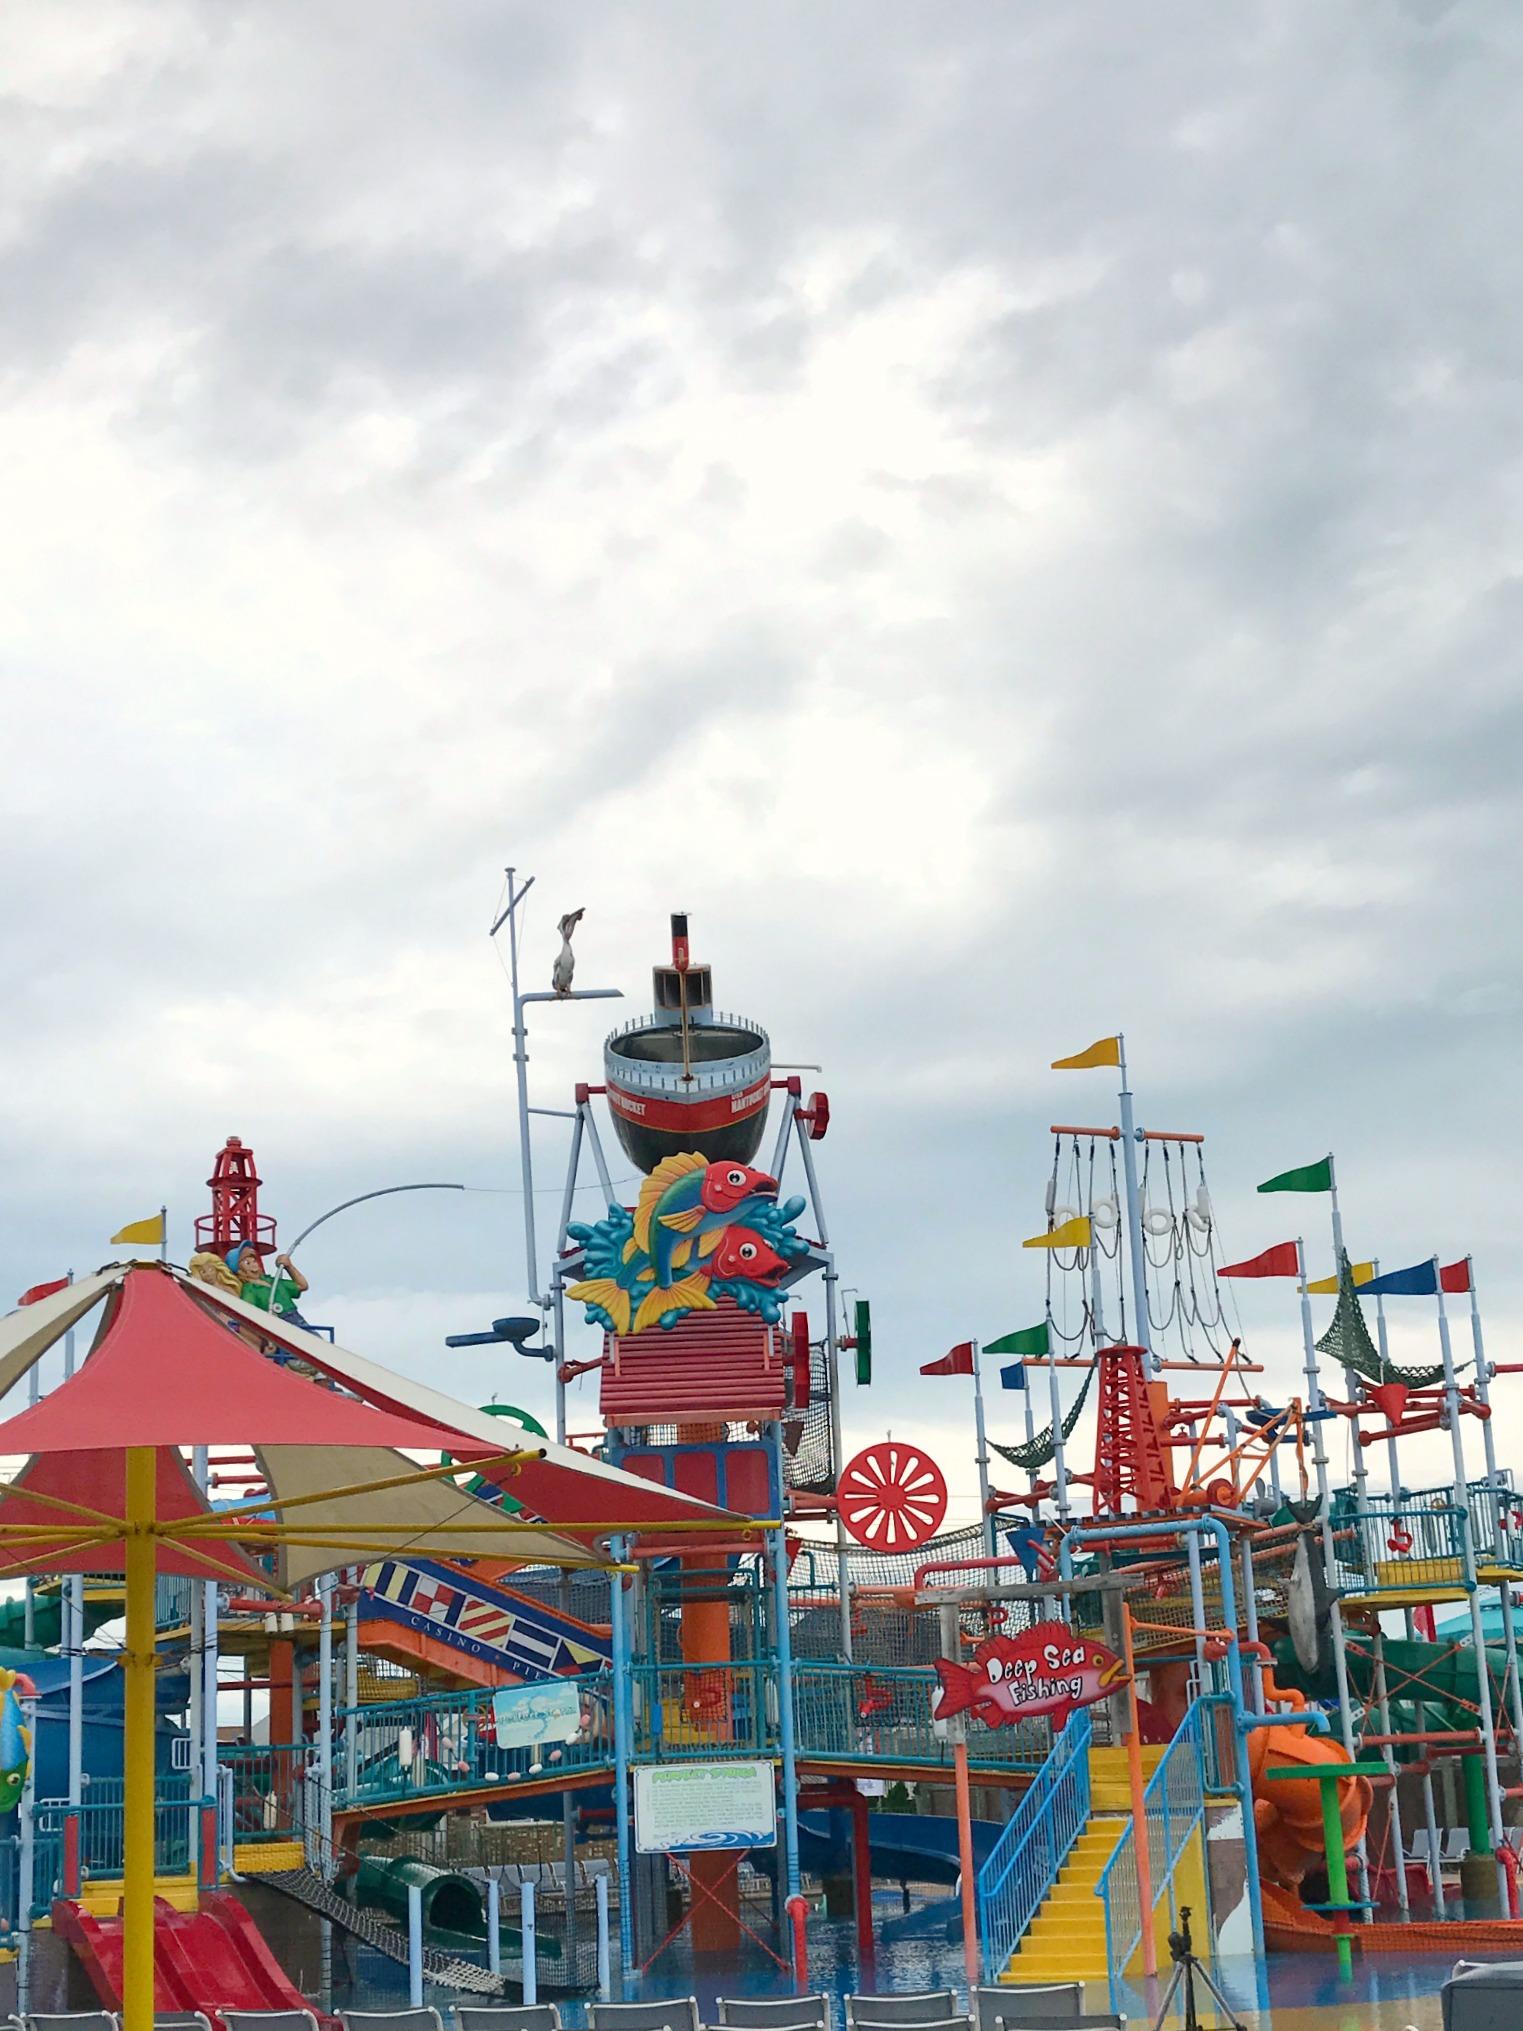 A Guide Casino Pier & Breakaway Beach Waterpark in Seaside Heights, NJ